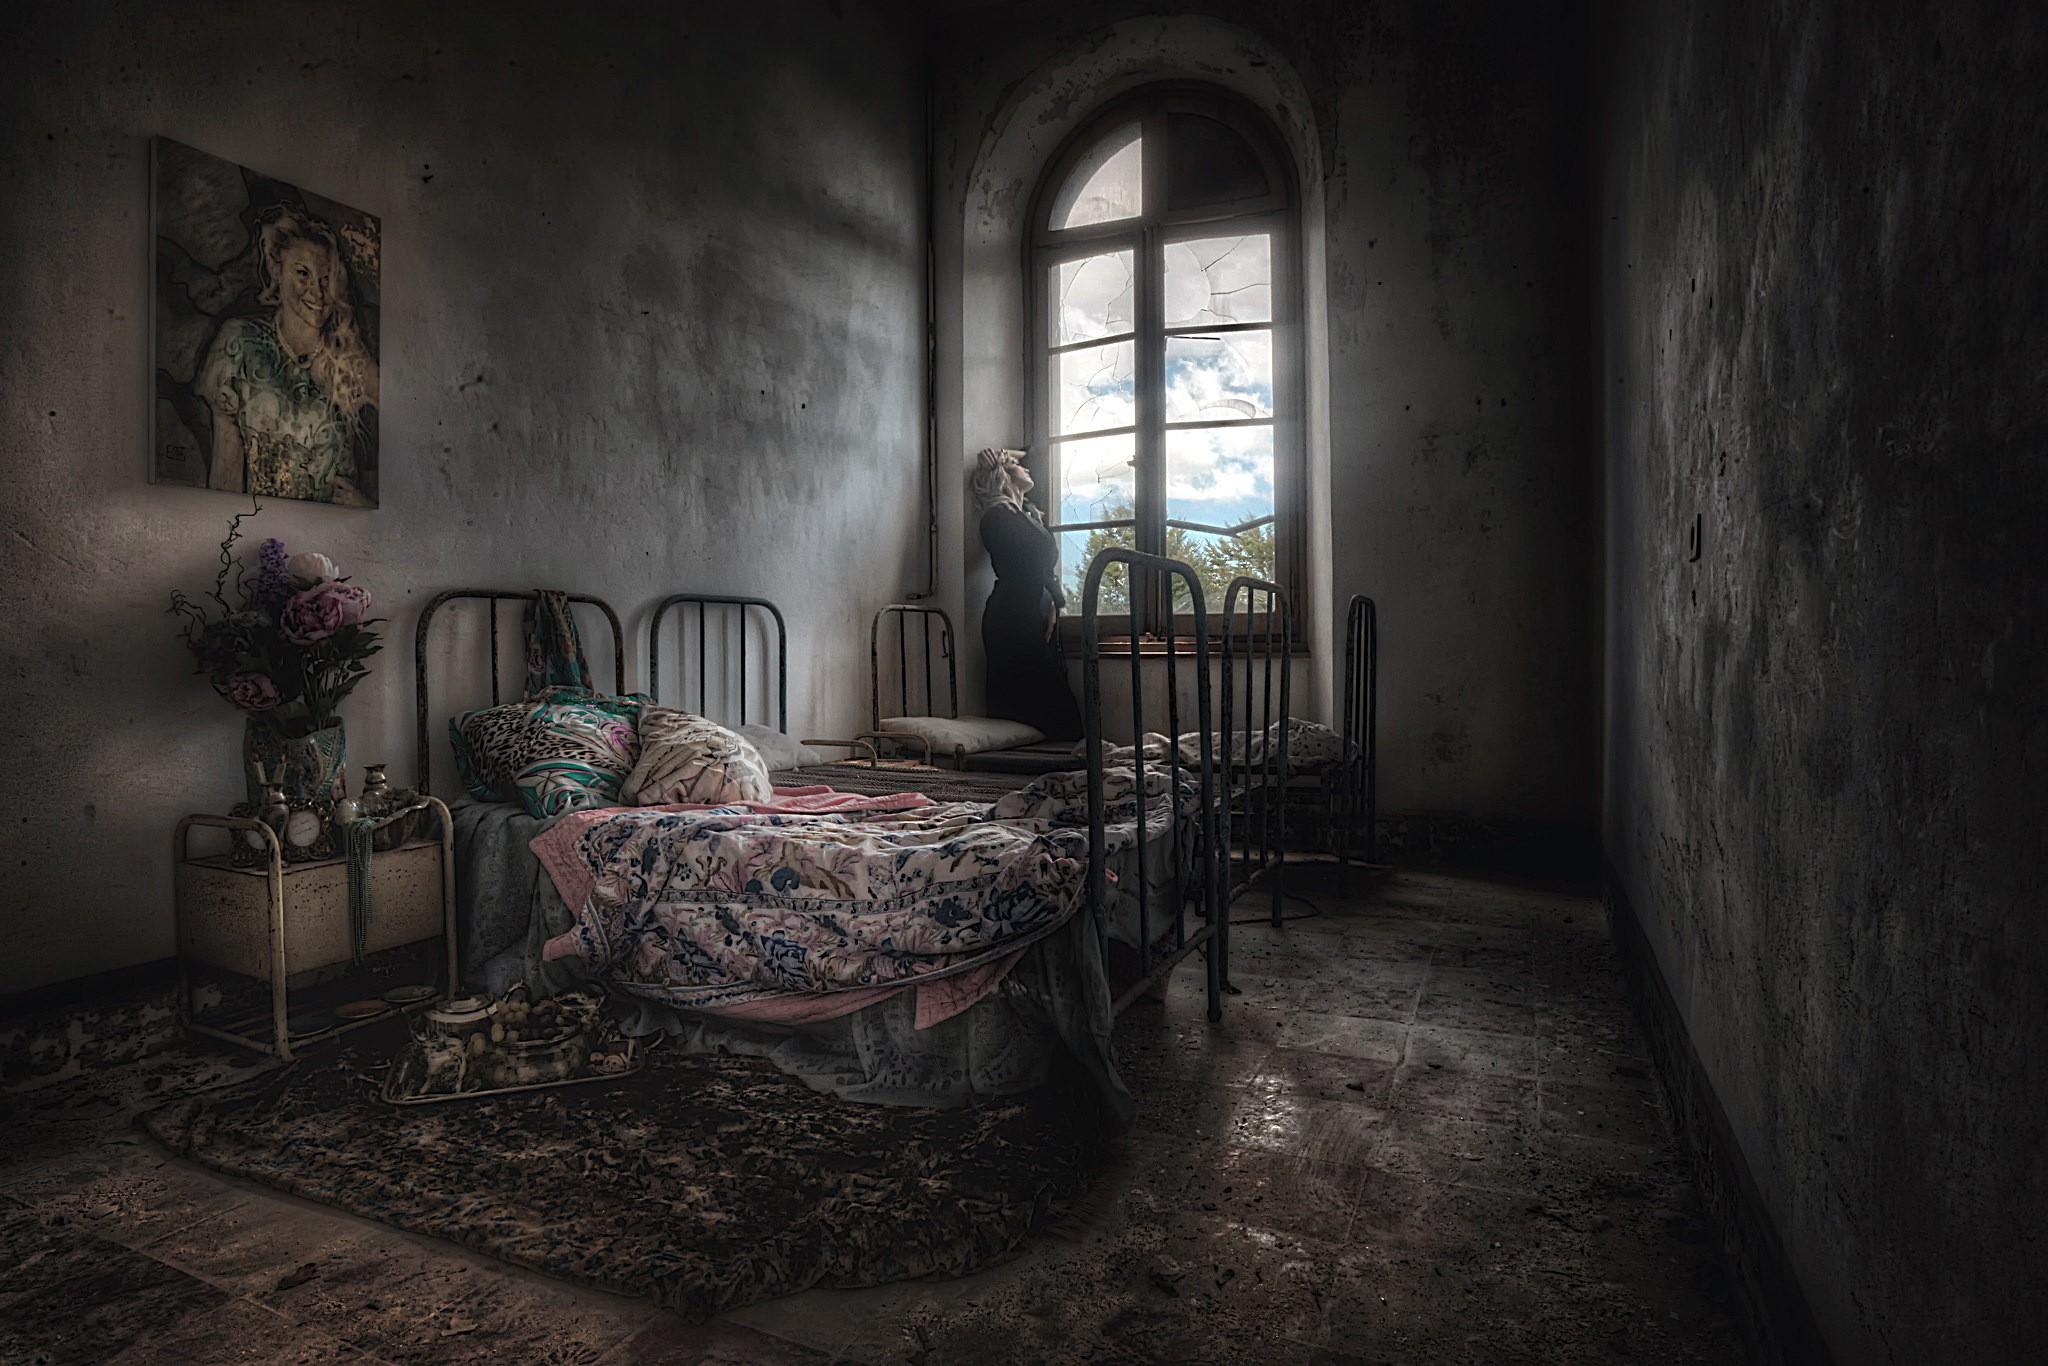 Hintergrundbilder : Innere, Haus, drinnen, HDR, altes Gebäude ...